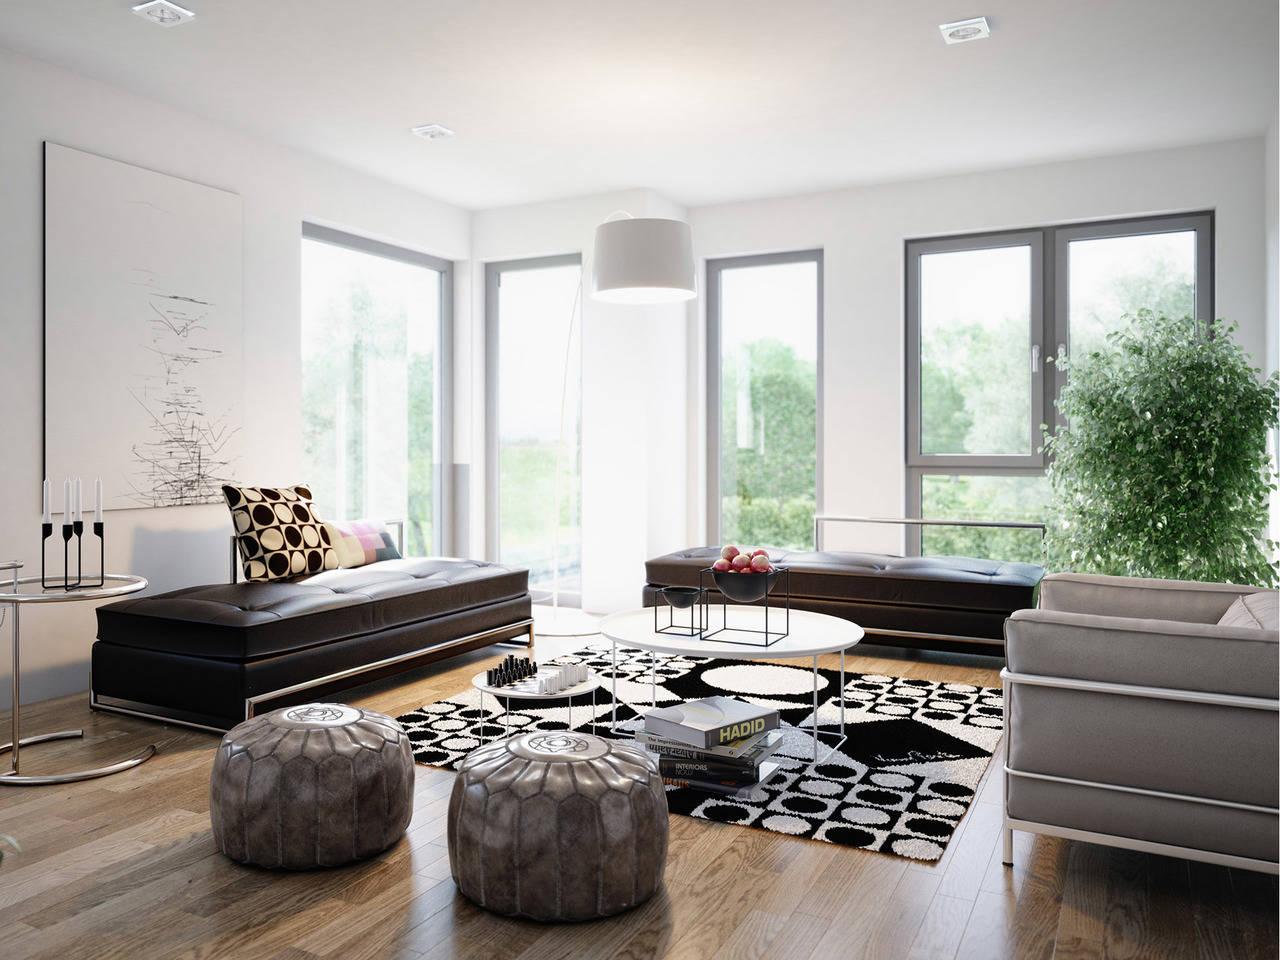 Haus SOLUTION 151 V4 Wohnzimmer von Living Haus